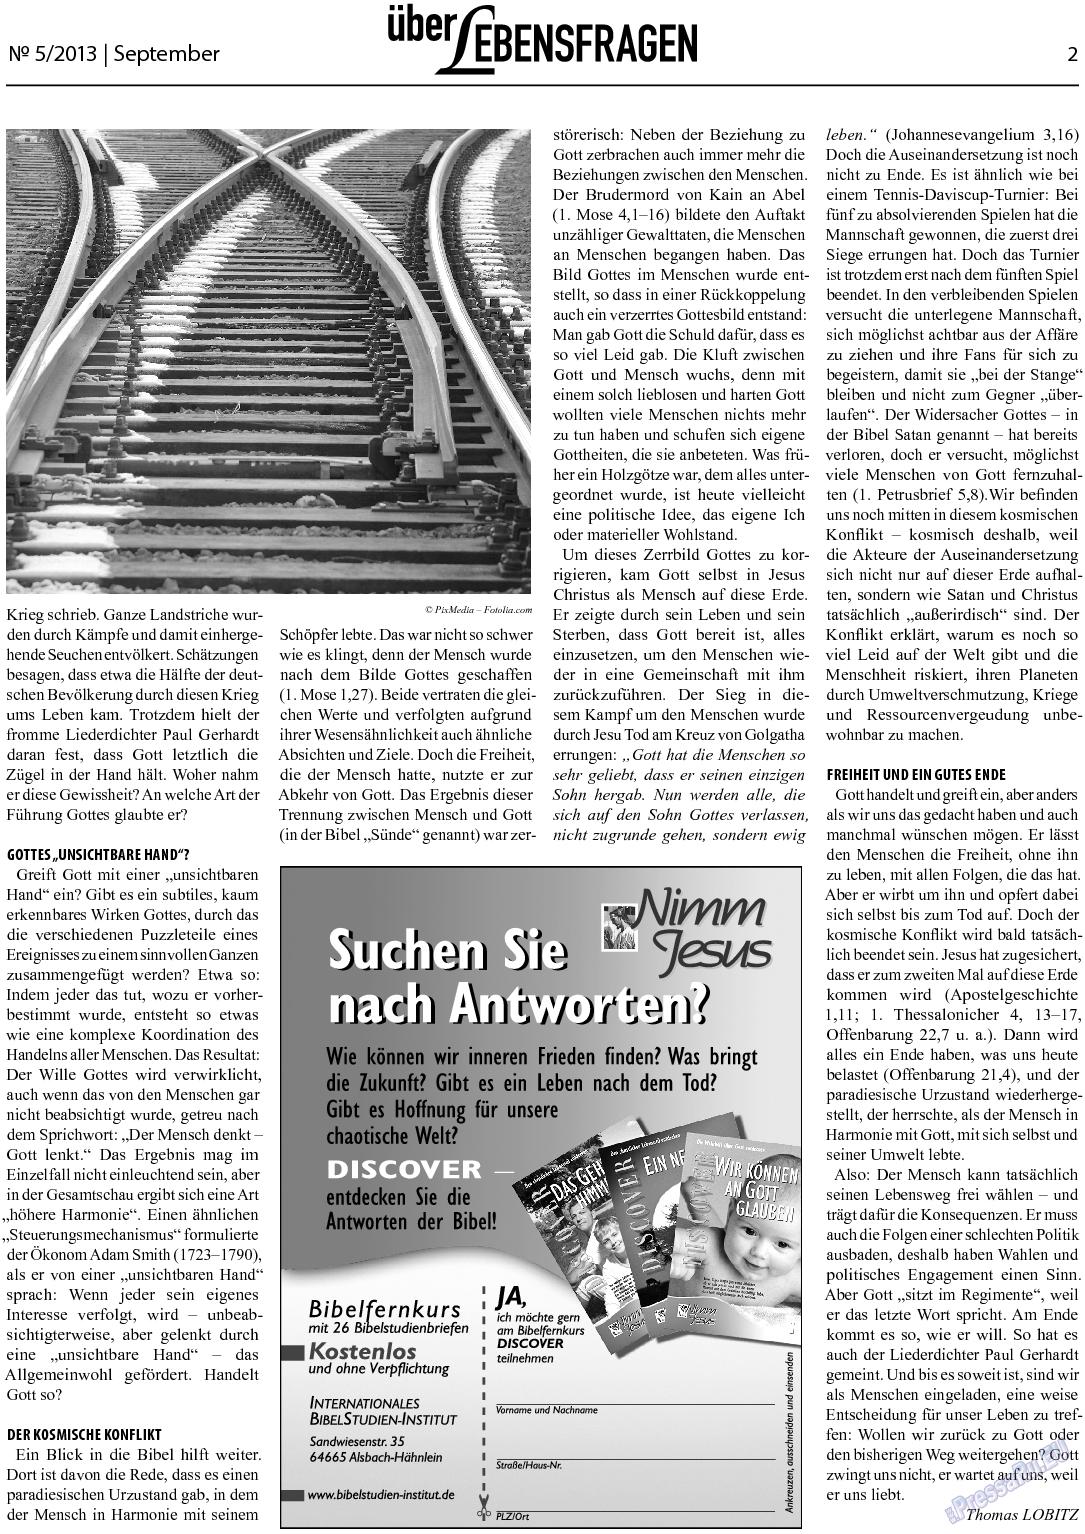 Вечное сокровище (газета). 2013 год, номер 5, стр. 22